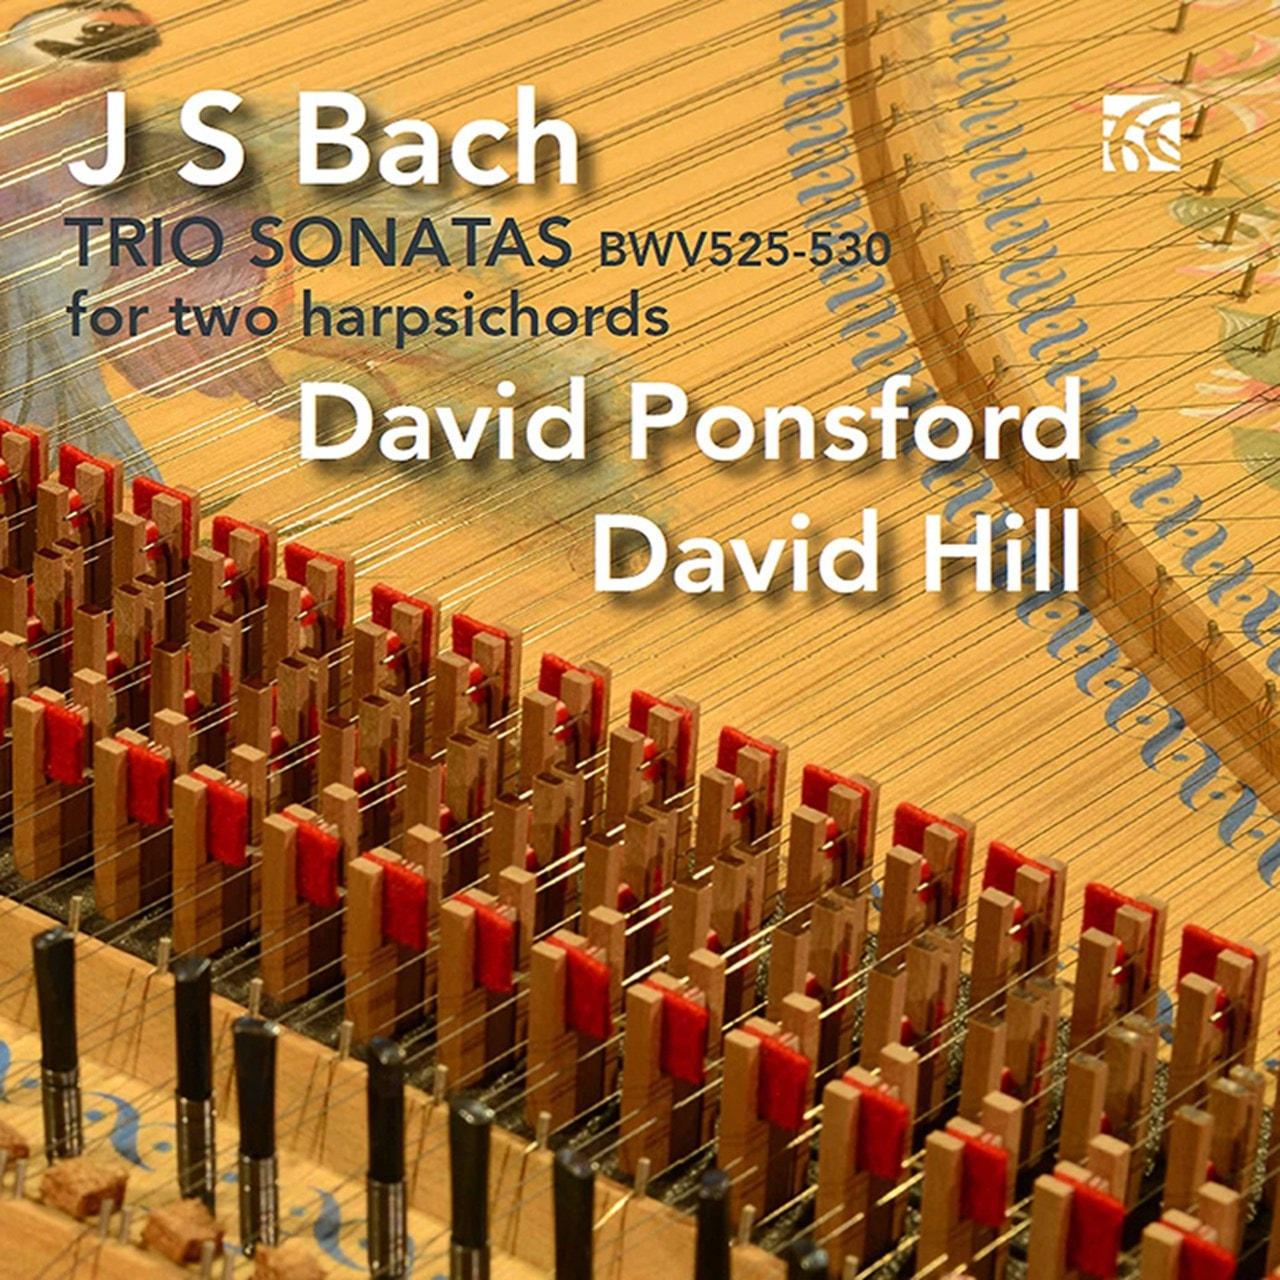 J.S. Bach: Trio Sonatas BWV525-530 for Two Harpsichords - 1